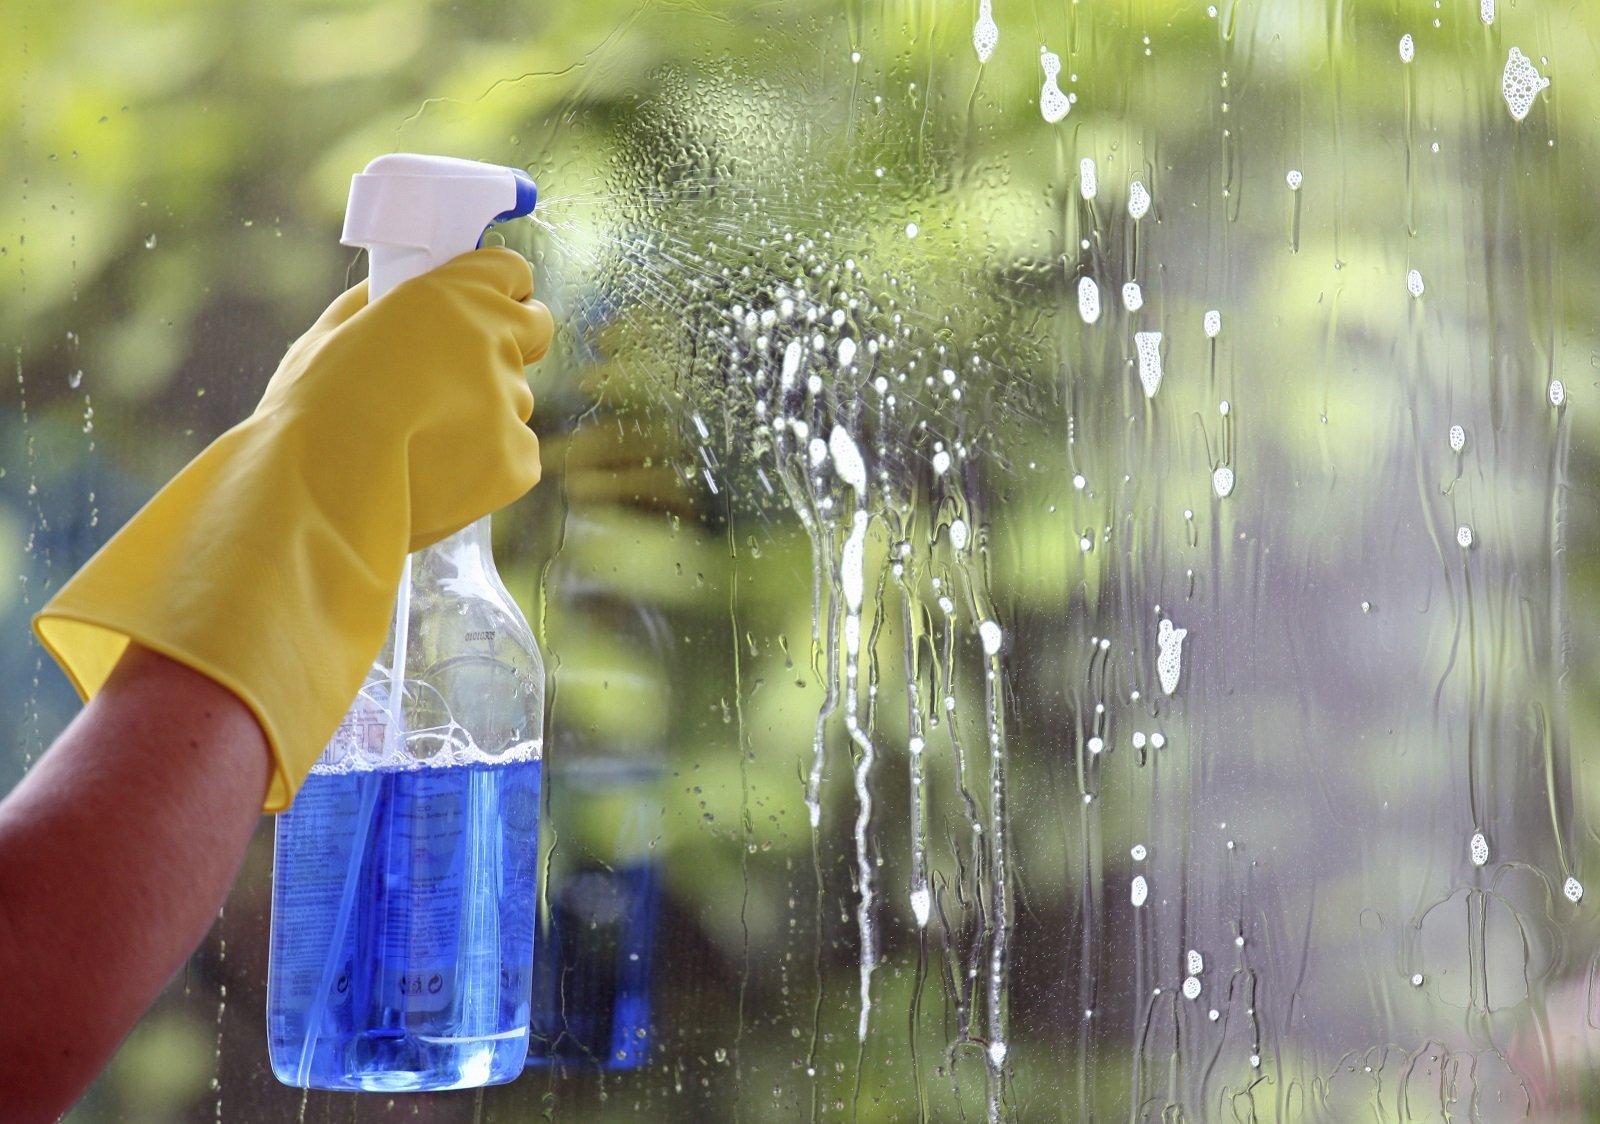 pulizia di un vetro